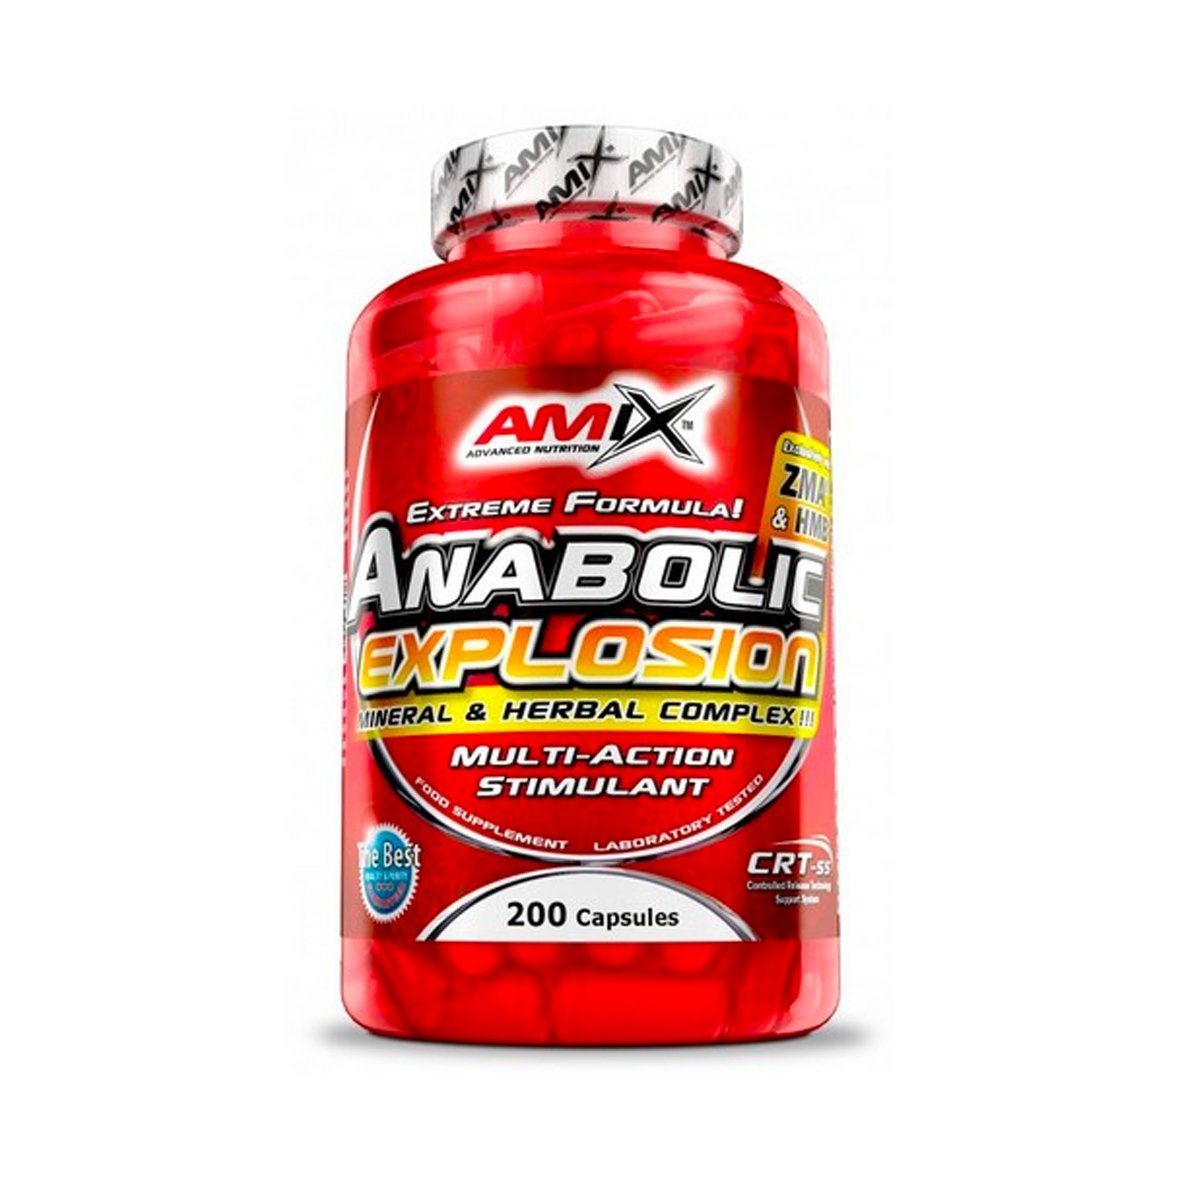 Anabolic Explosion 200 caps